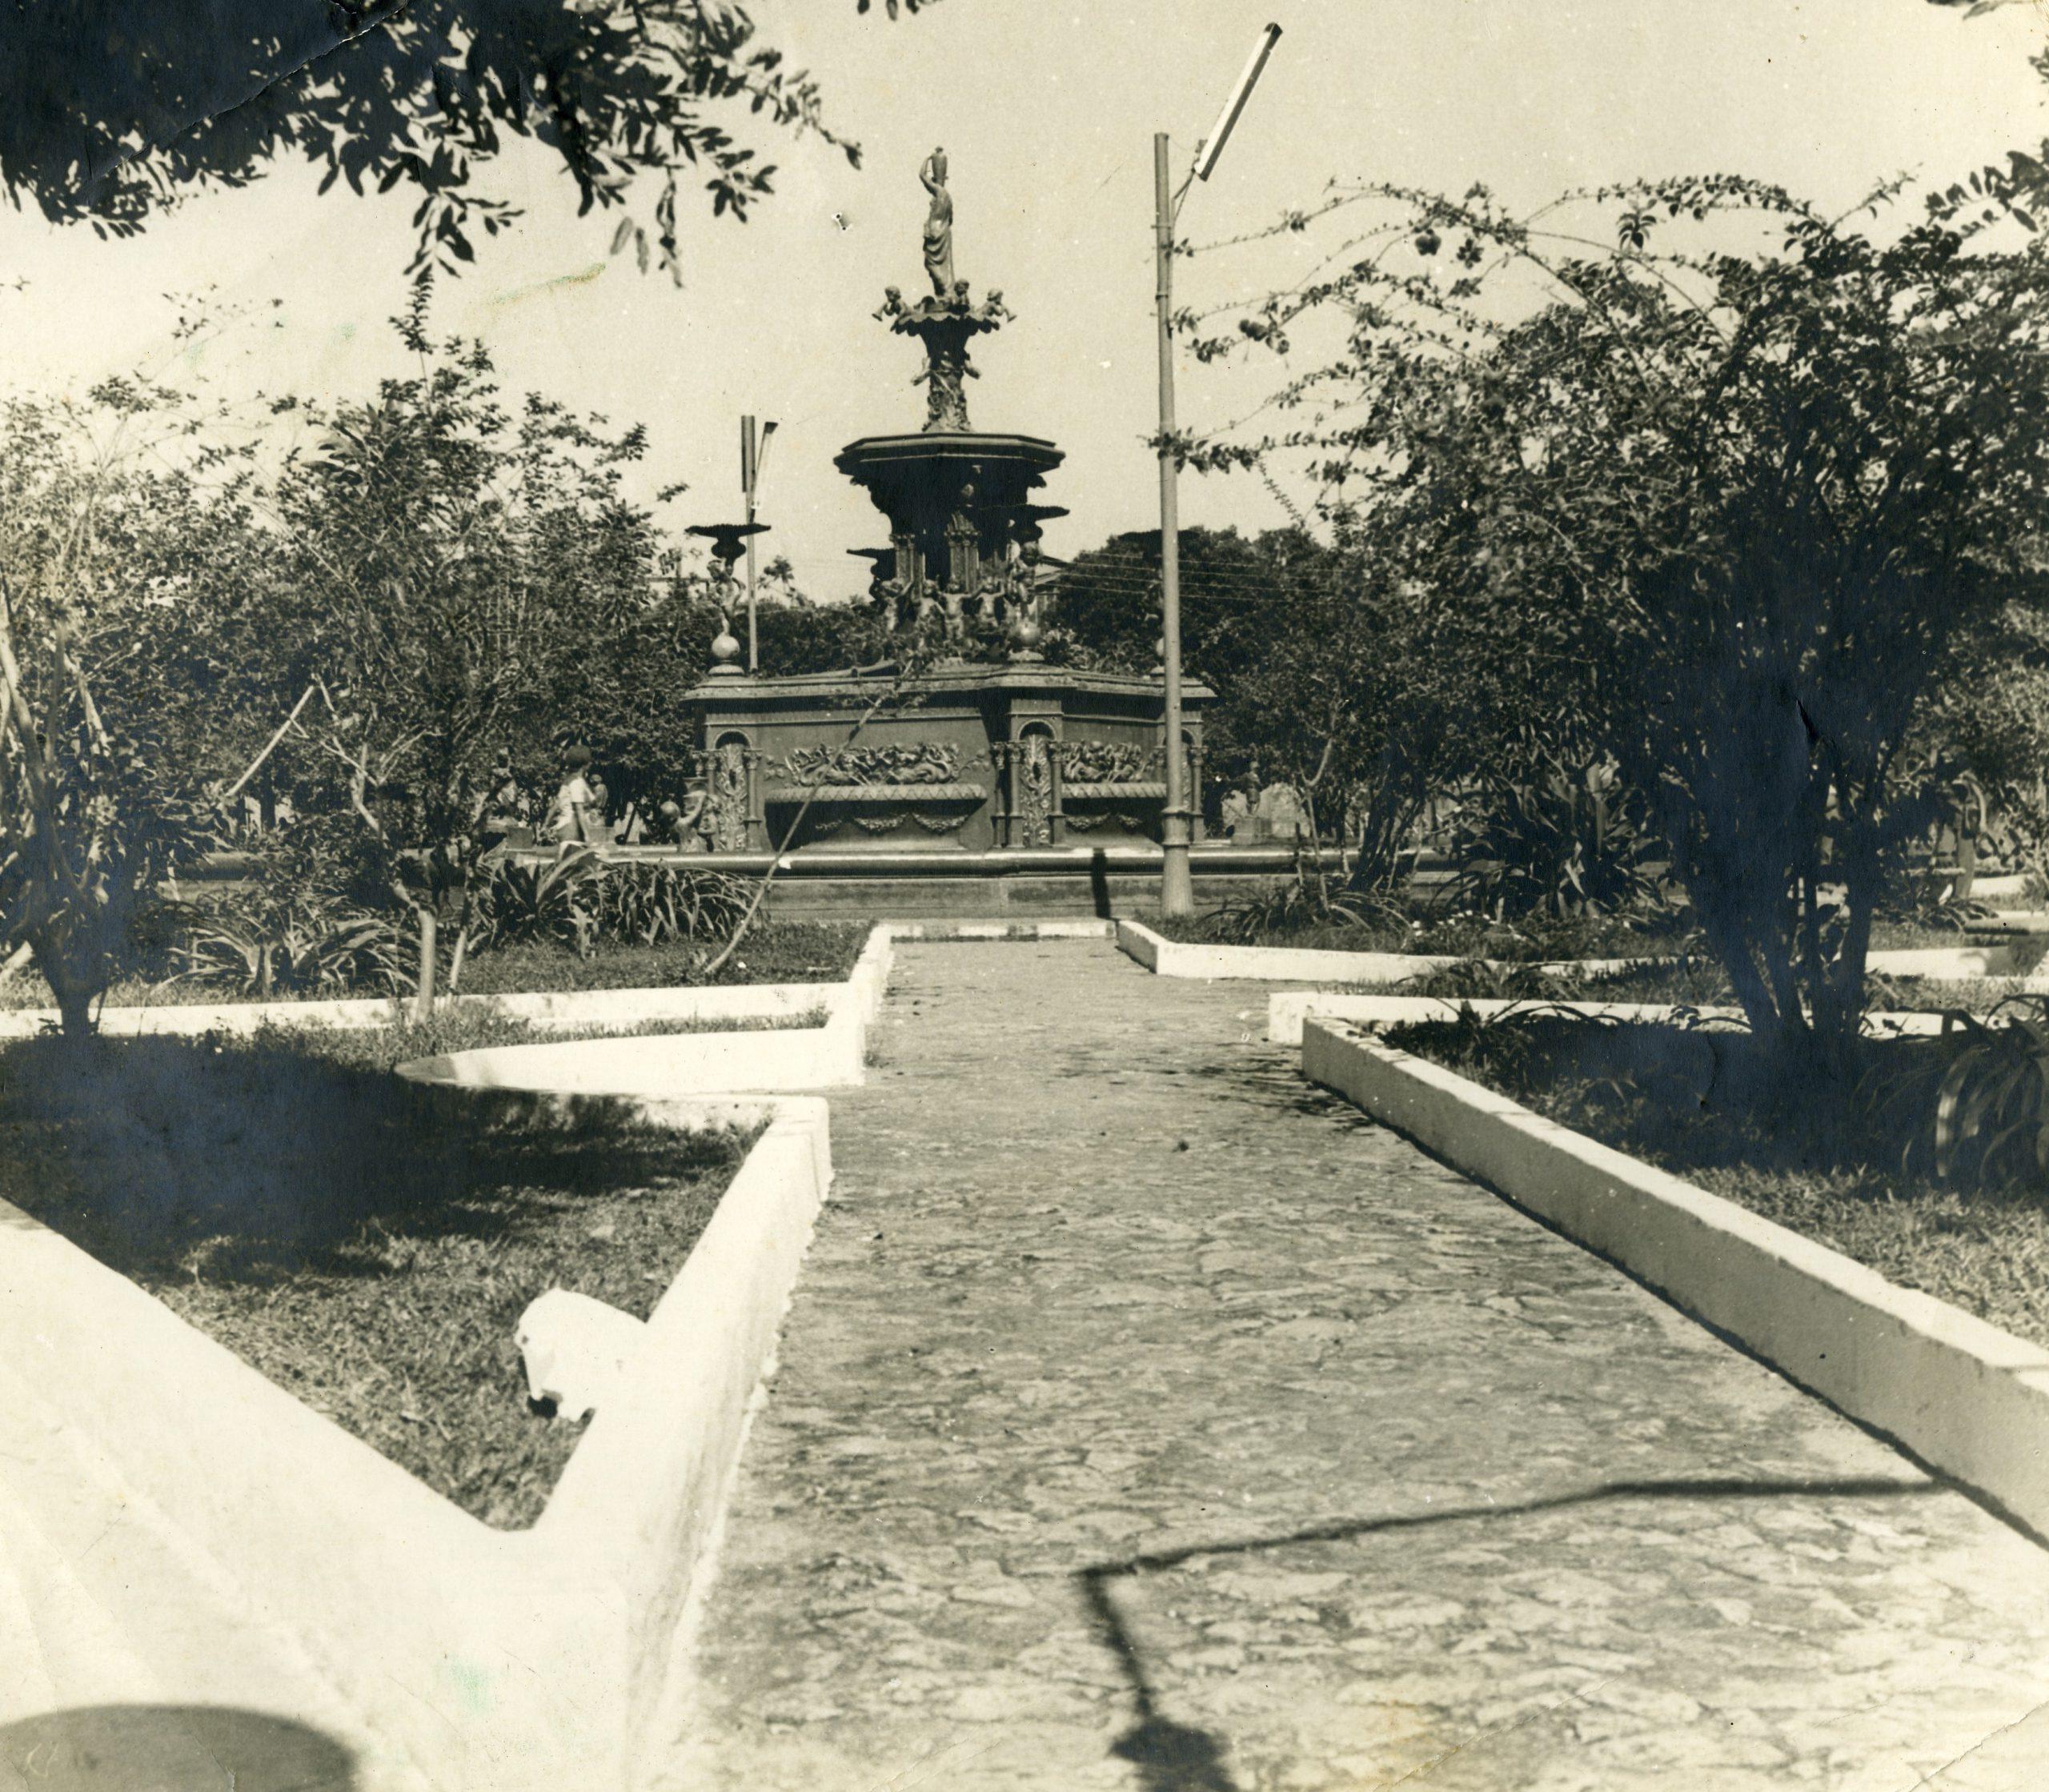 Chafariz da Praça da Matriz - Instituto Durango Duarte